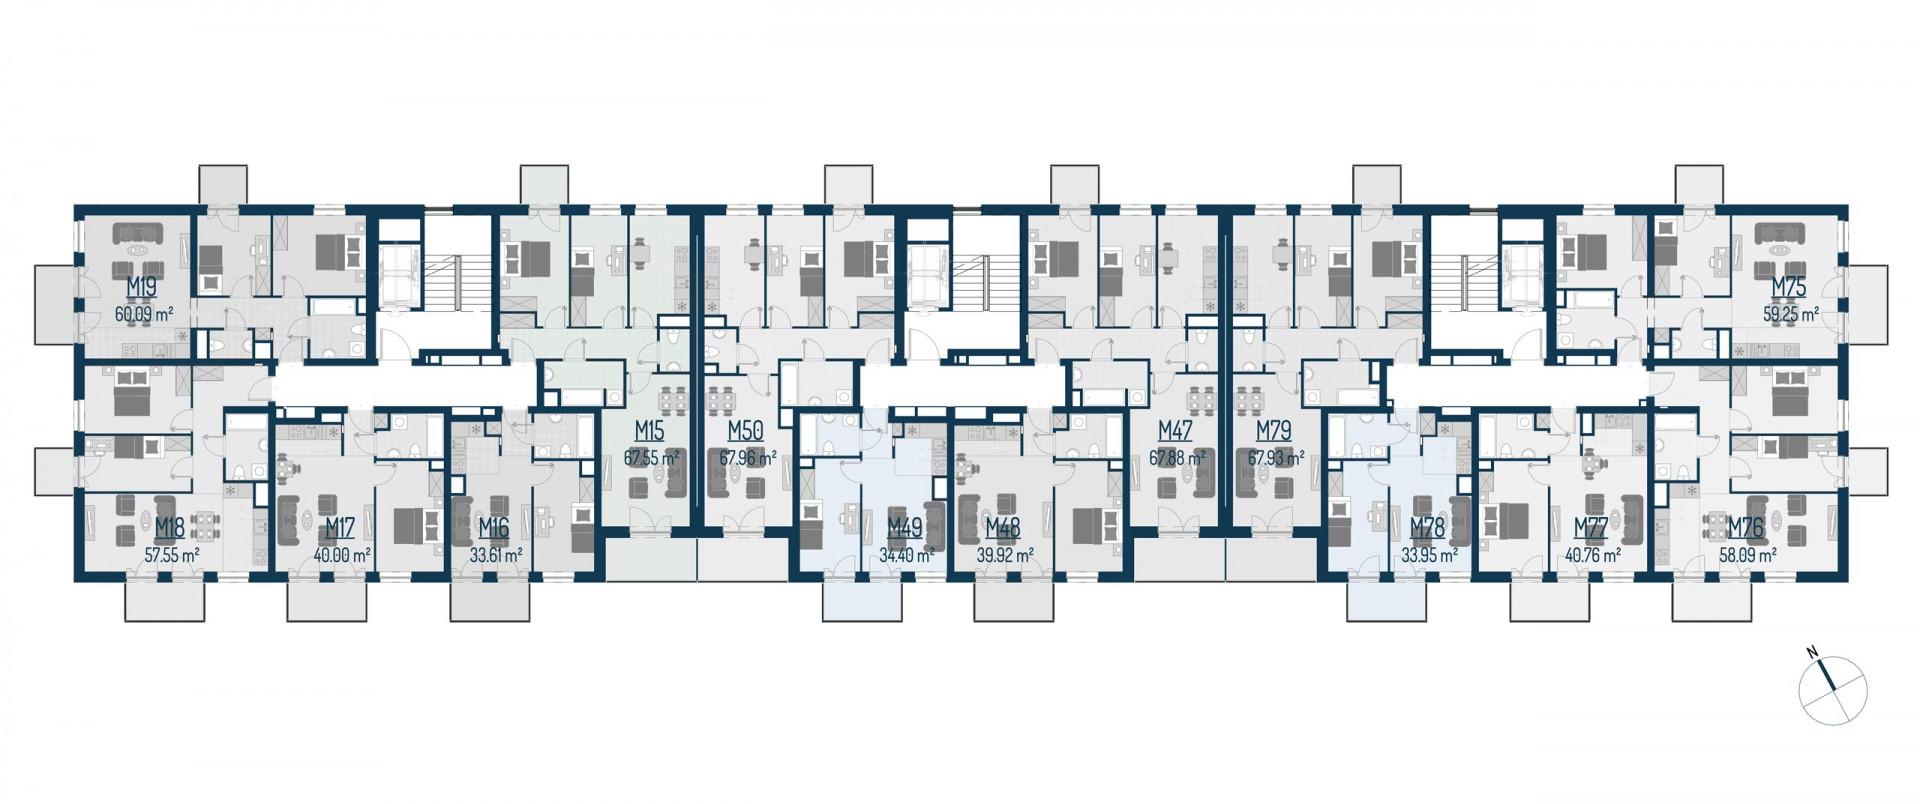 Zdrowe Stylove / budynek 1 / mieszkanie nr M76 rzut 2